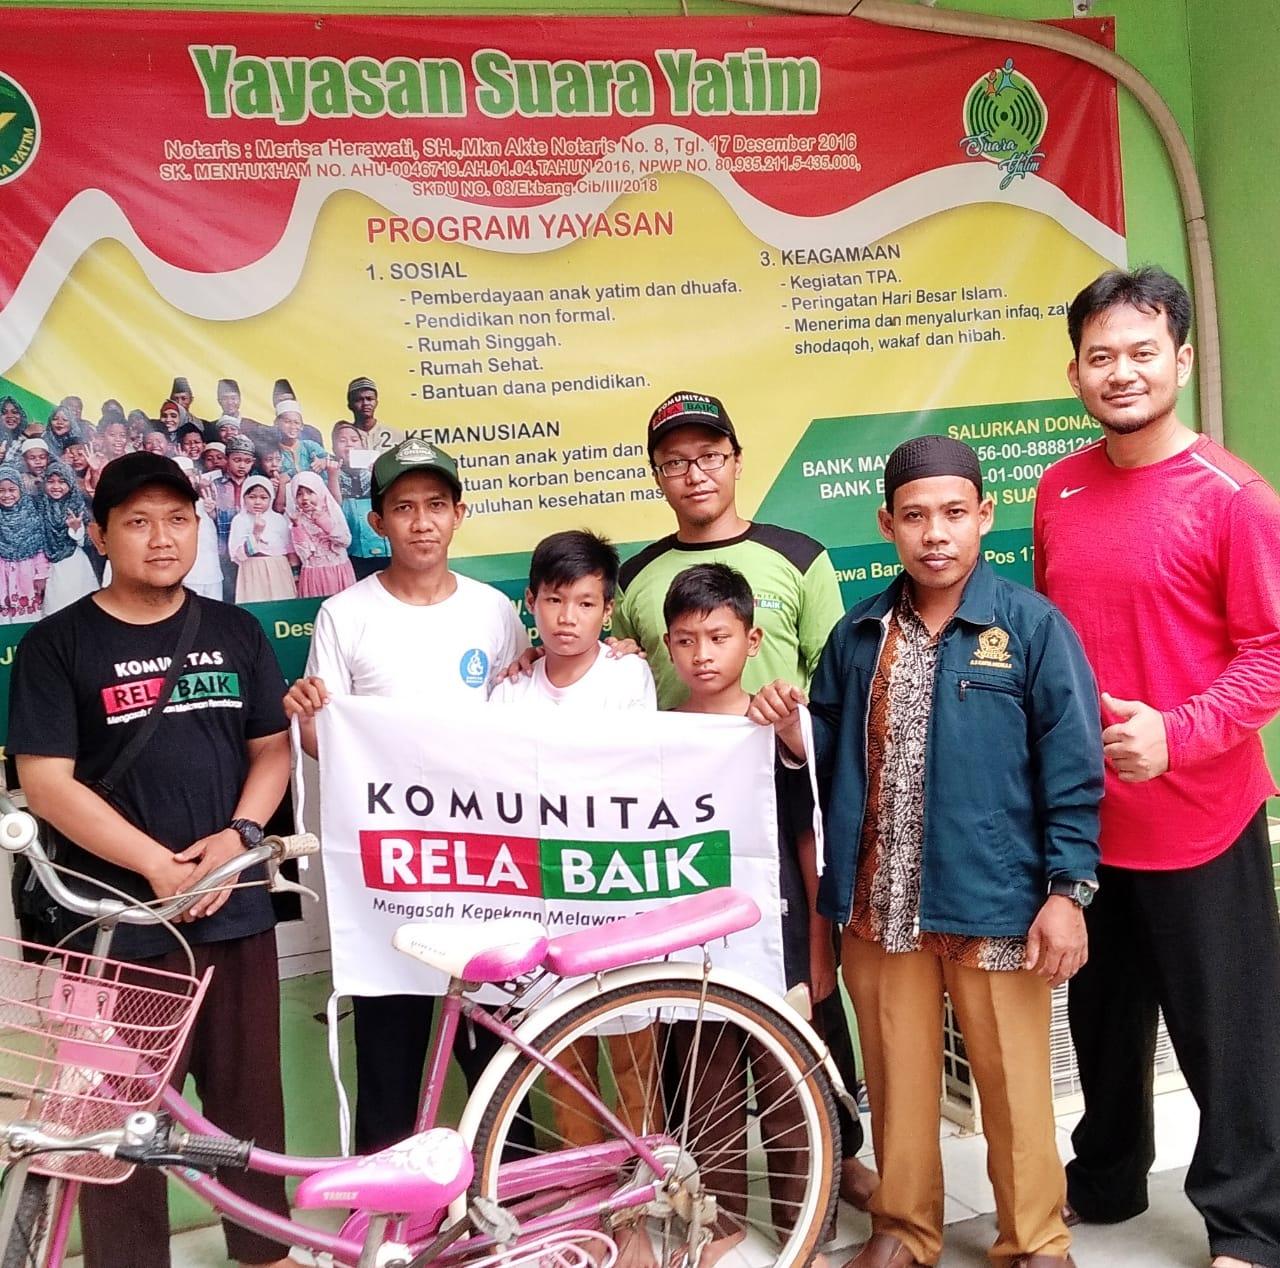 Komunitas Rela Baik ke Yayasan Suara Yatim